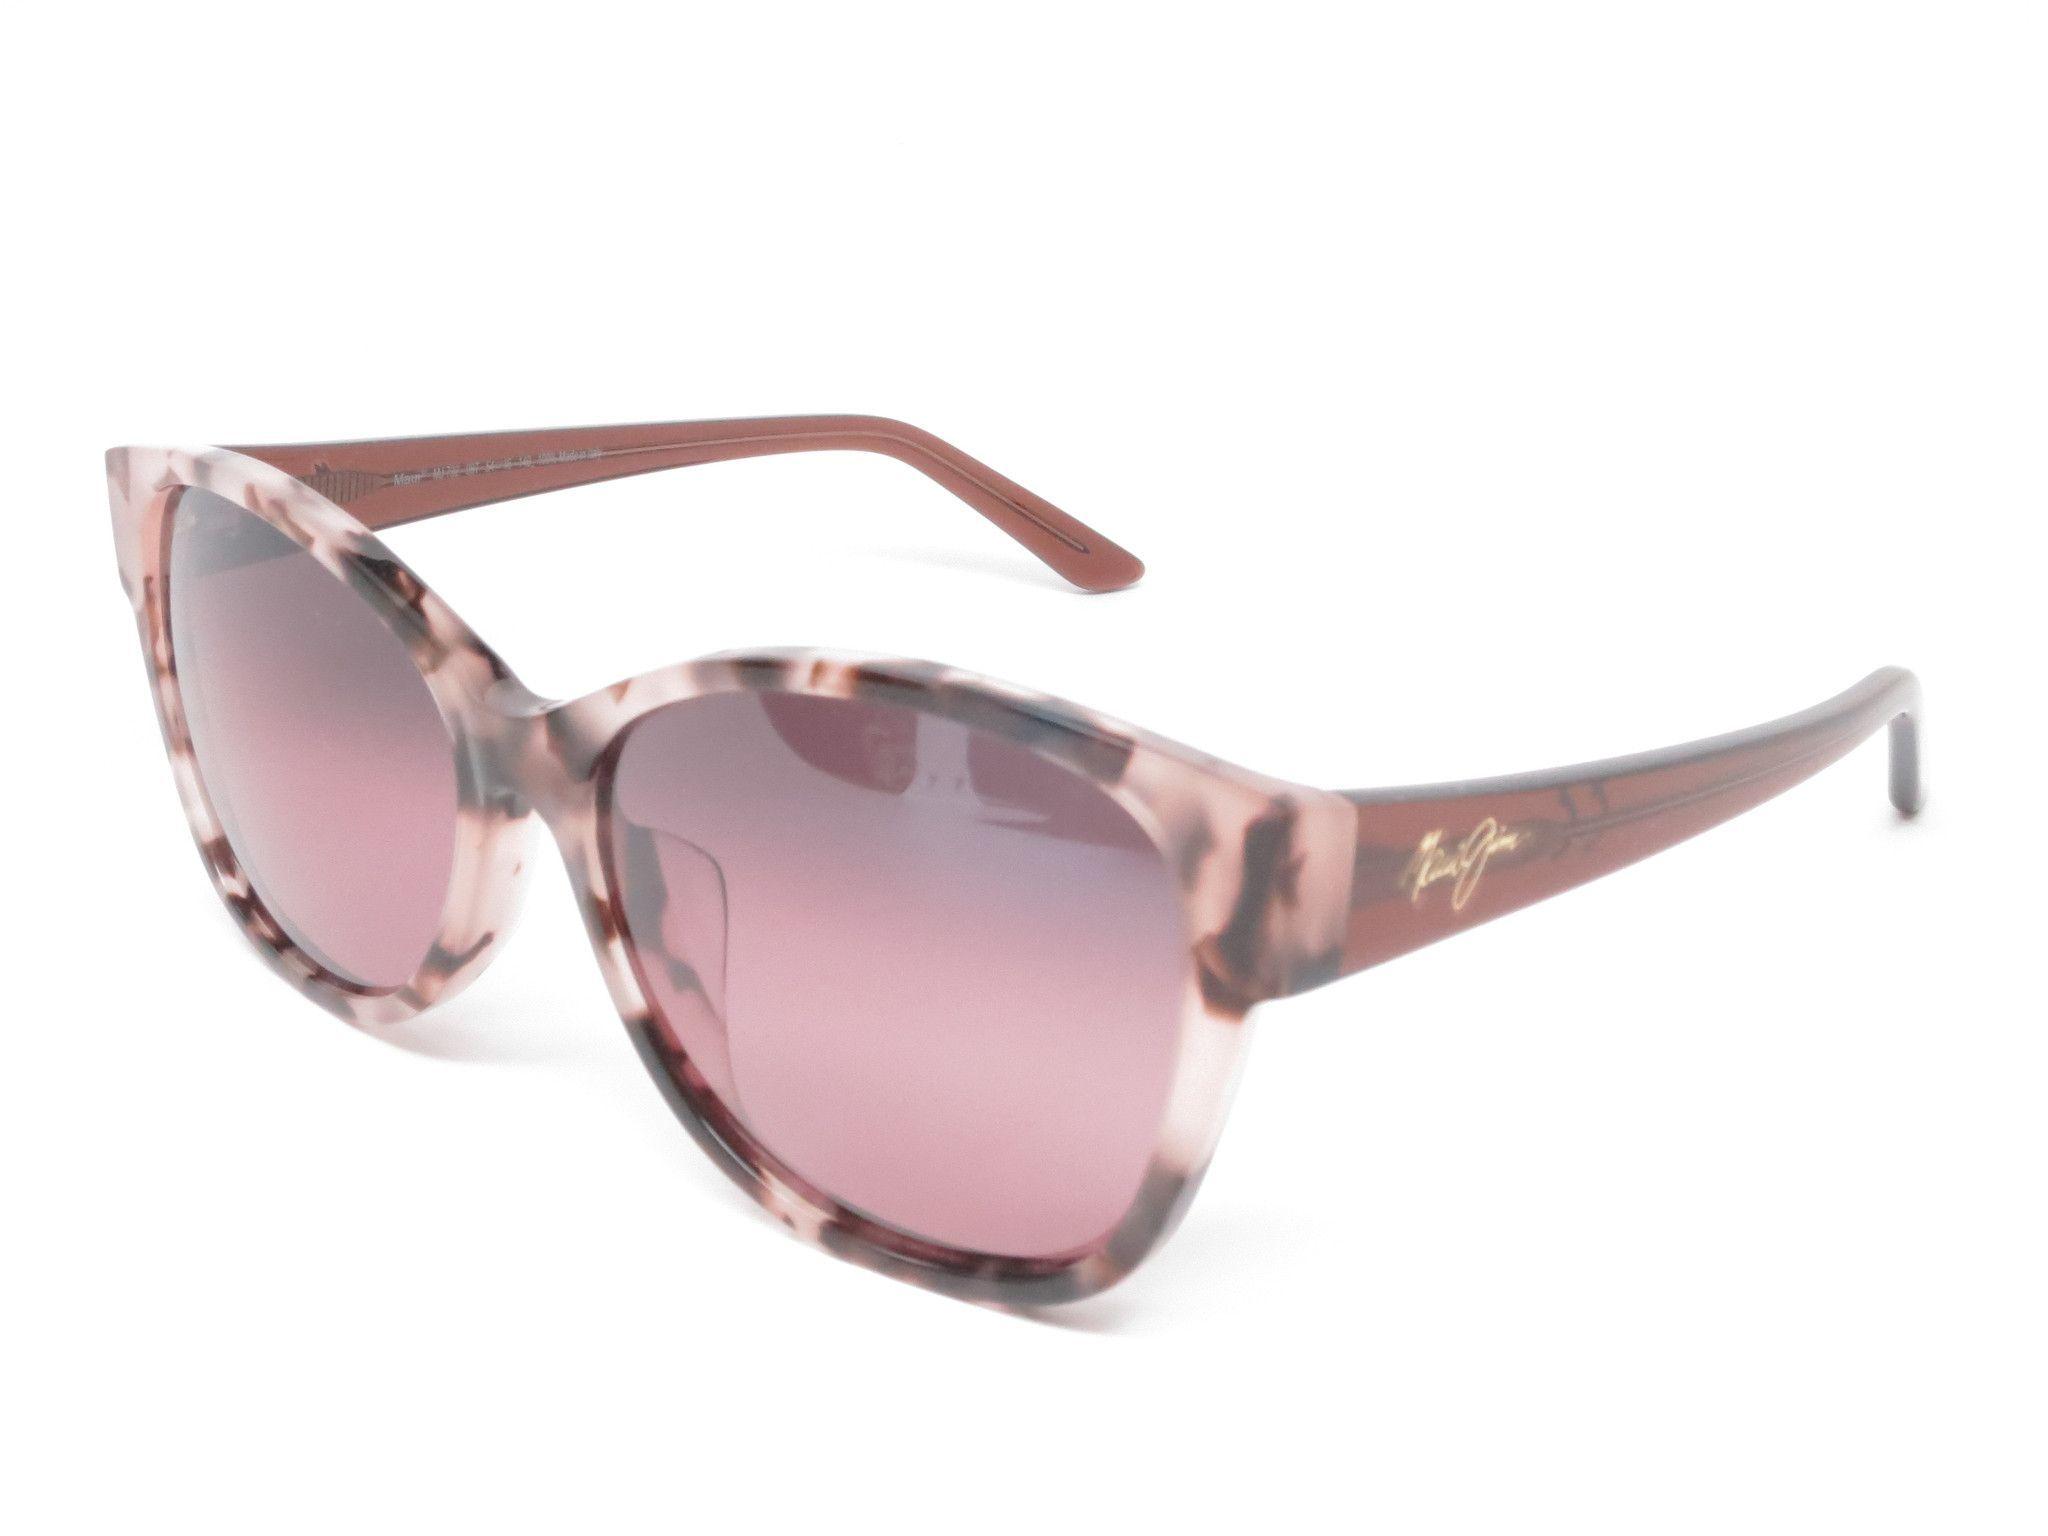 11b261f72954 Maui Jim Summer Time MJ 732-09T Pink Tokyo Tortoise Polarized Sunglasses